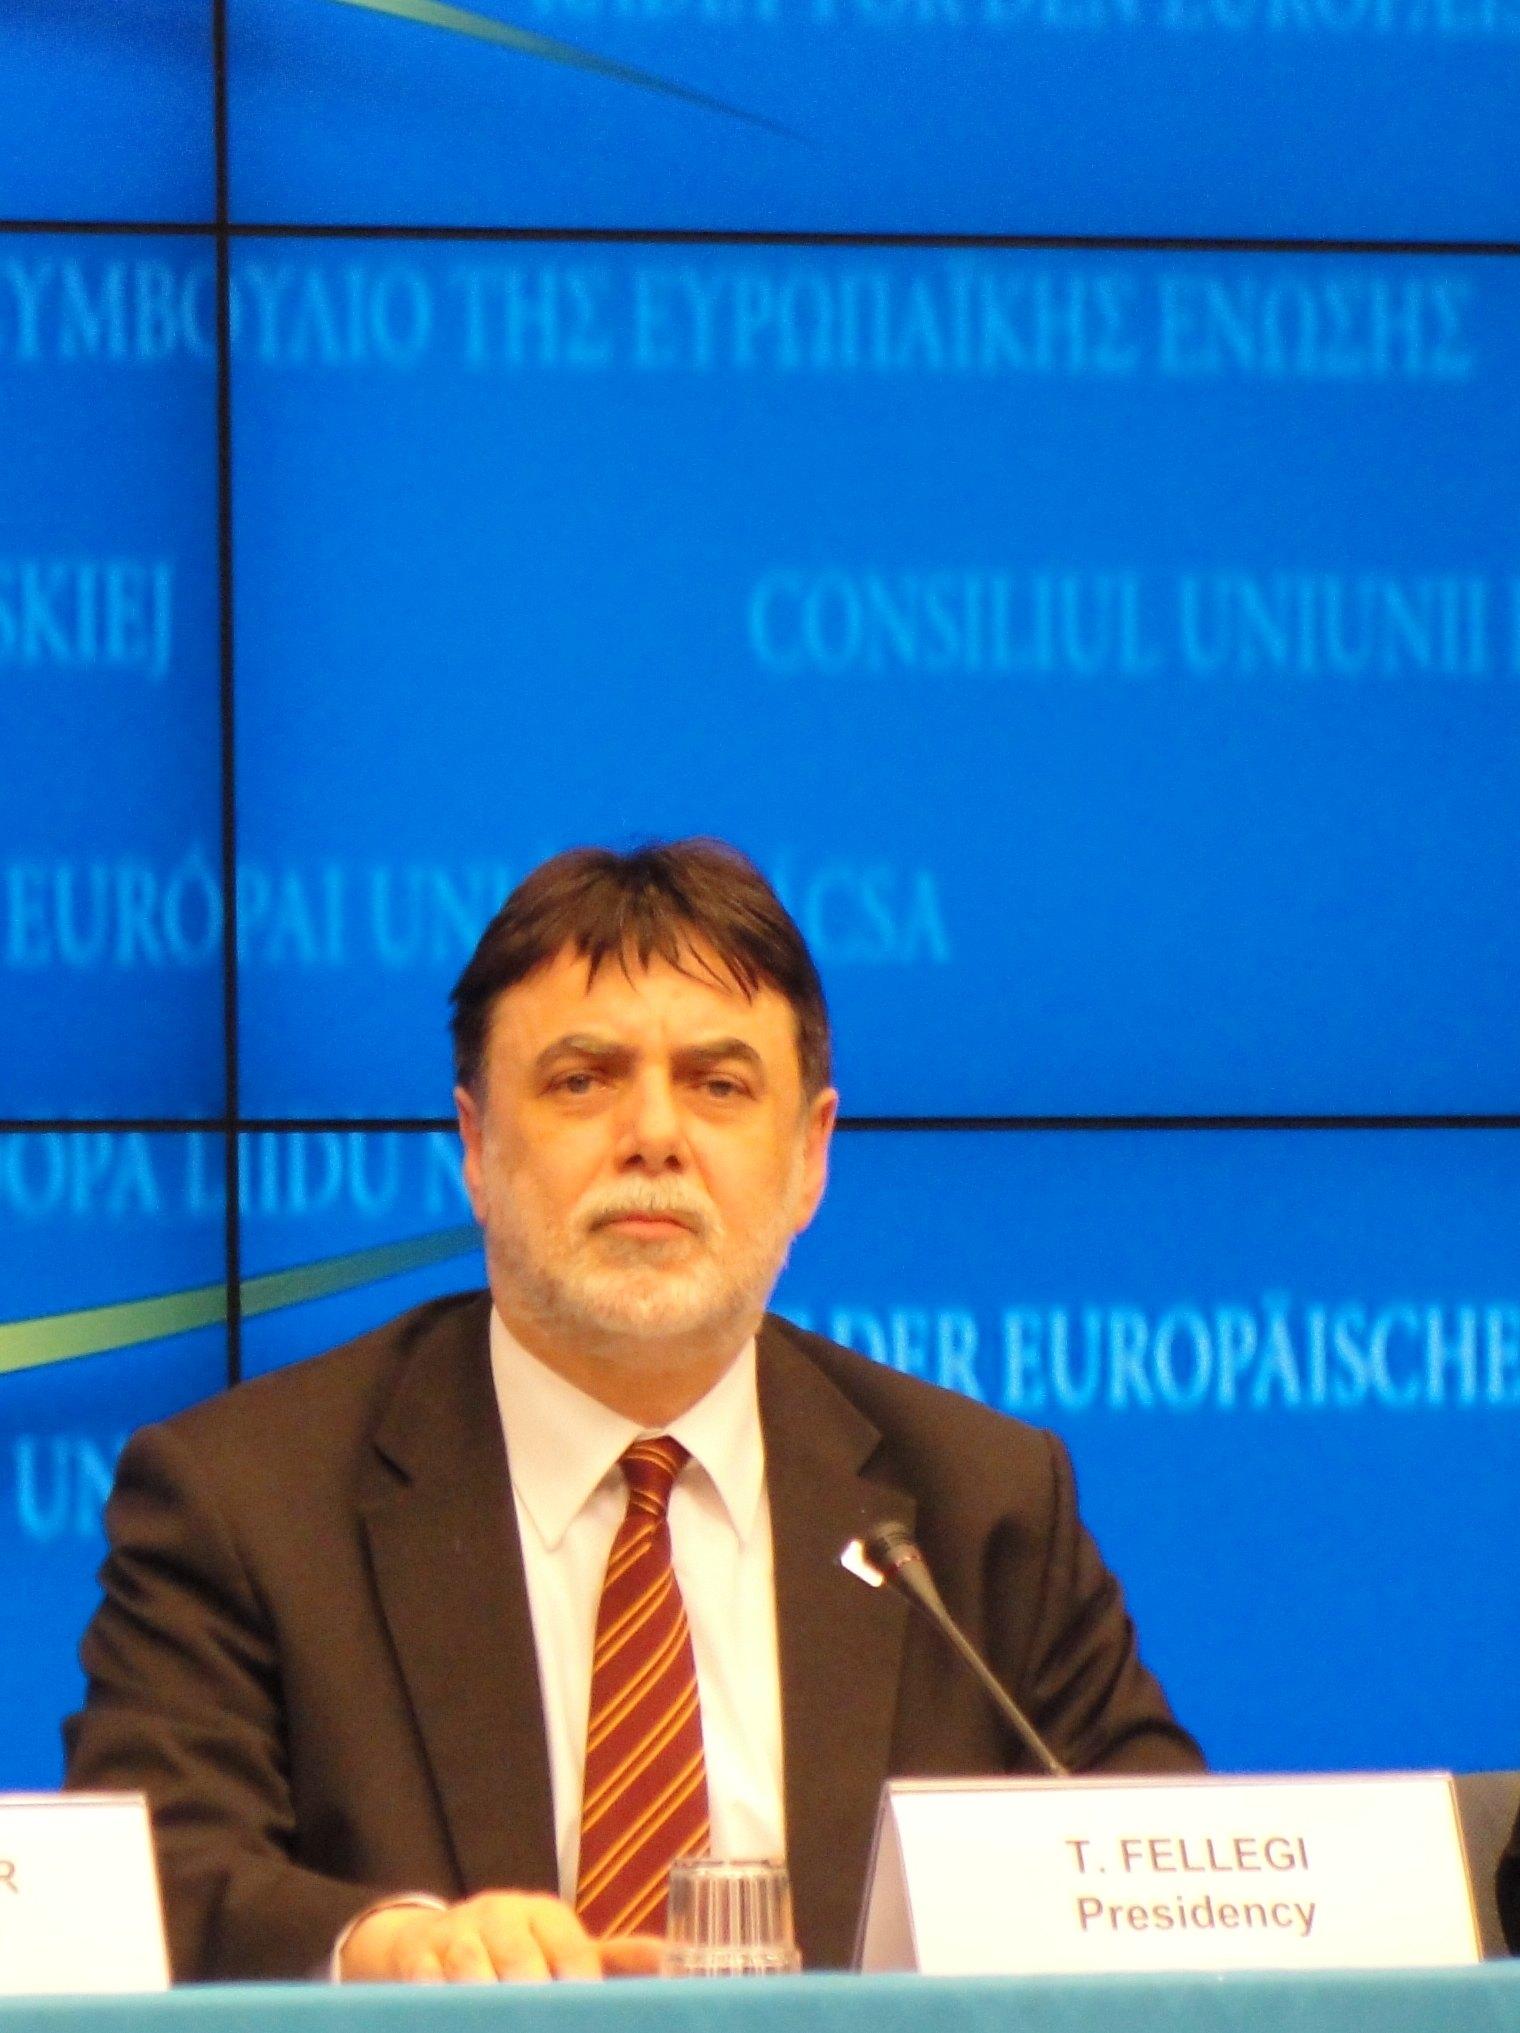 L'UE adopte les sanctions contre la Libye, plus larges que celles de l'ONU (maj2)